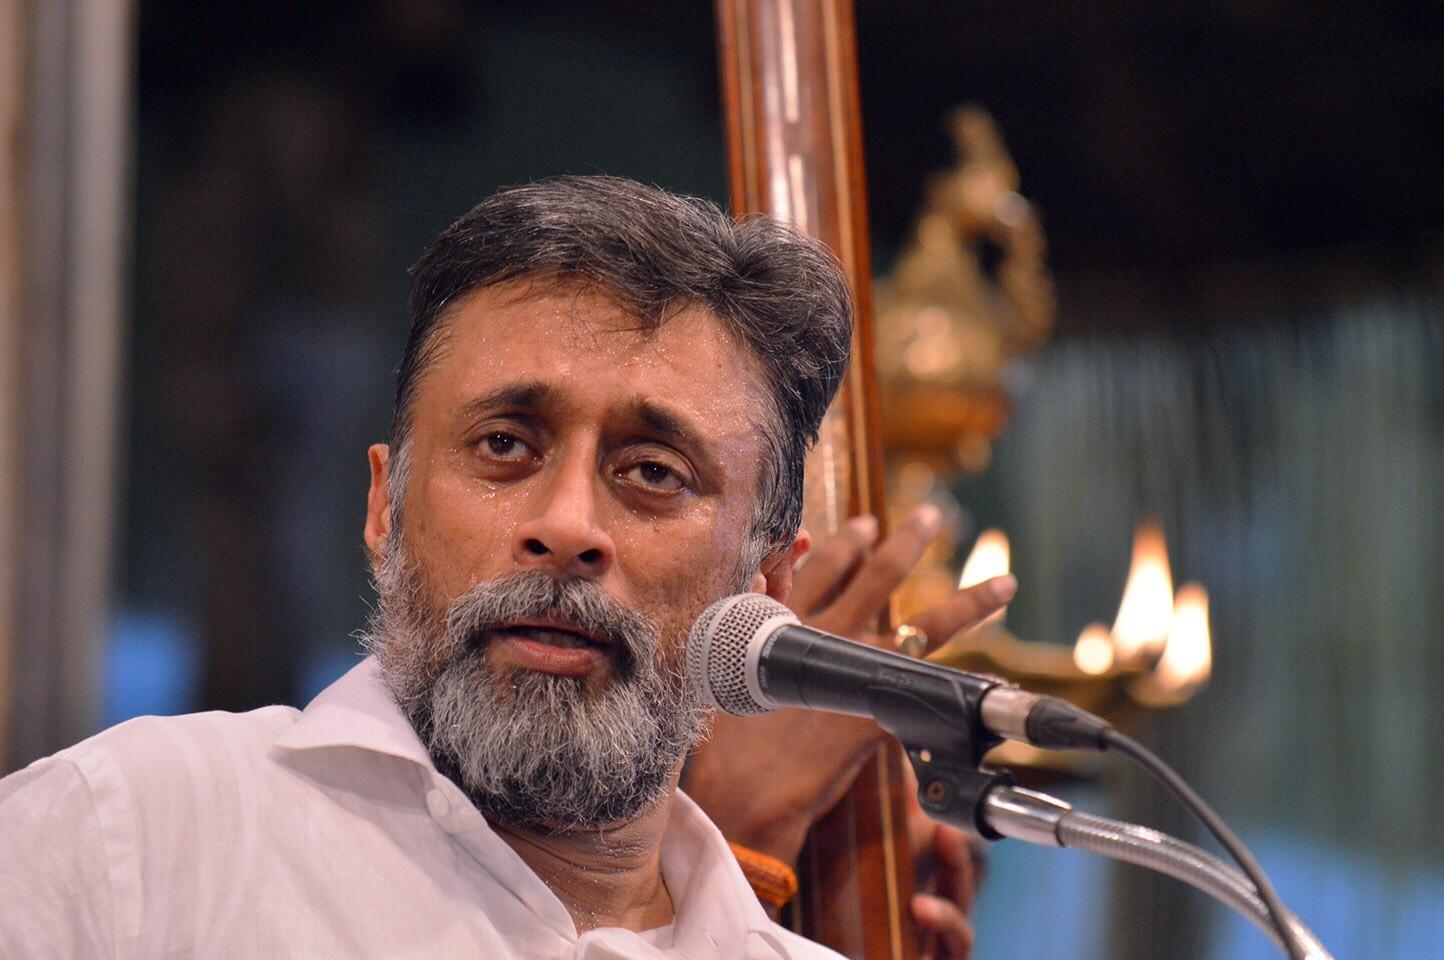 Sanjay Subrahmanyan